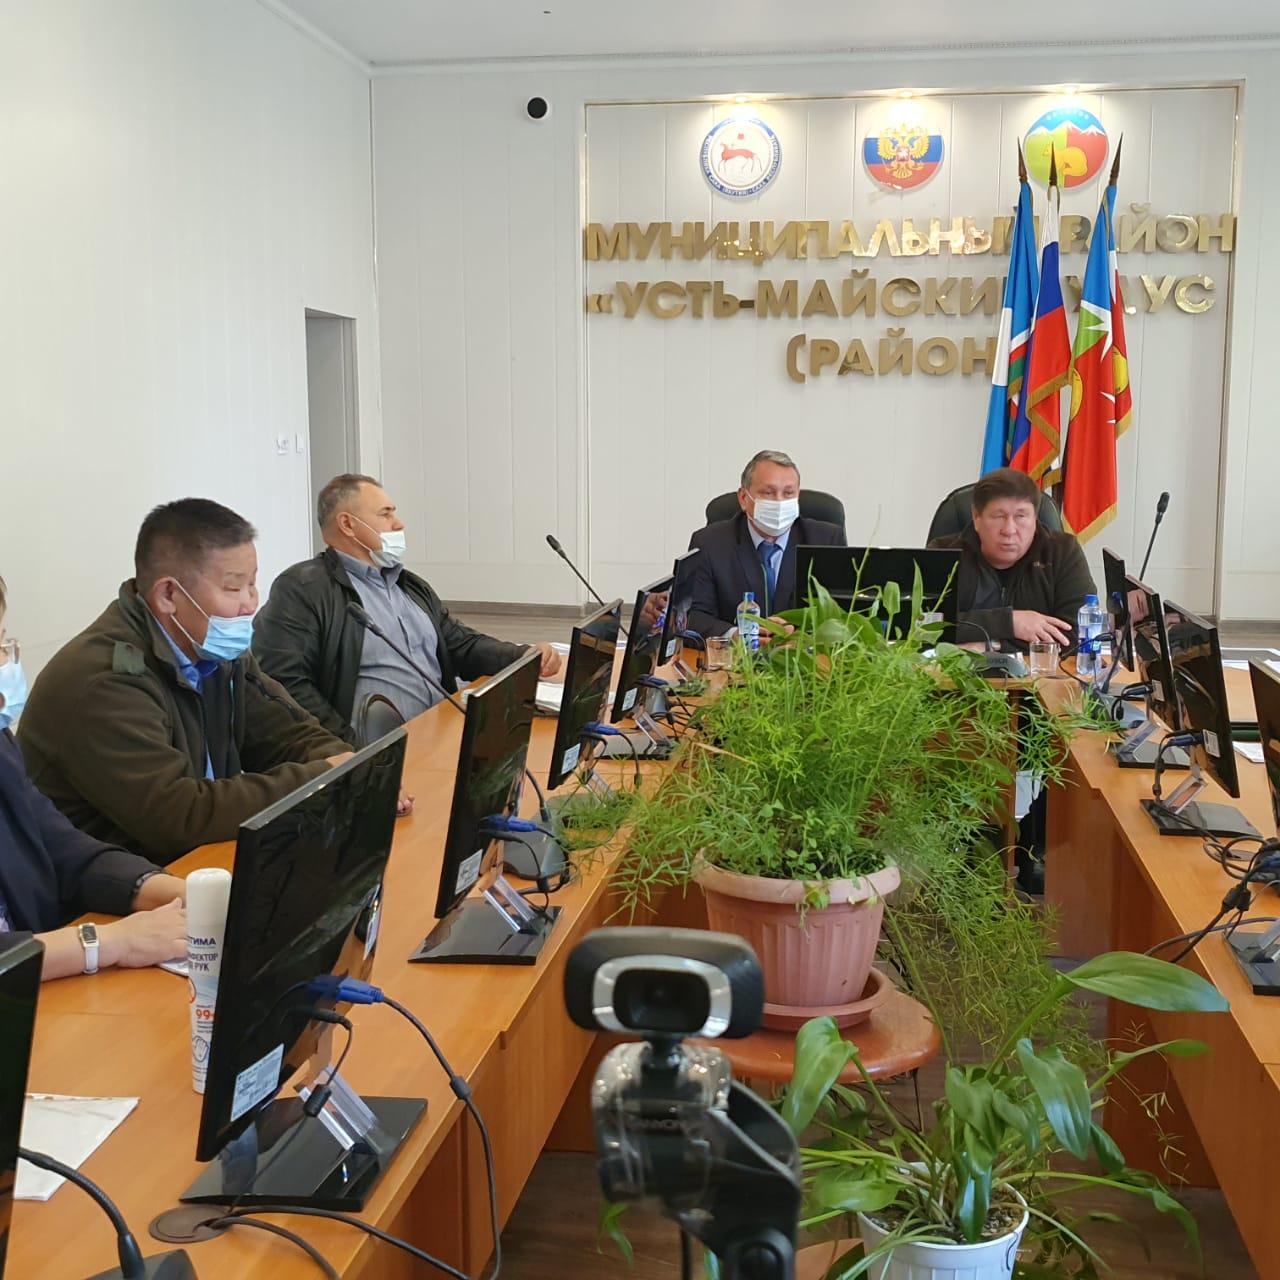 Сергей Ларионов работает в Усть-Майском районе